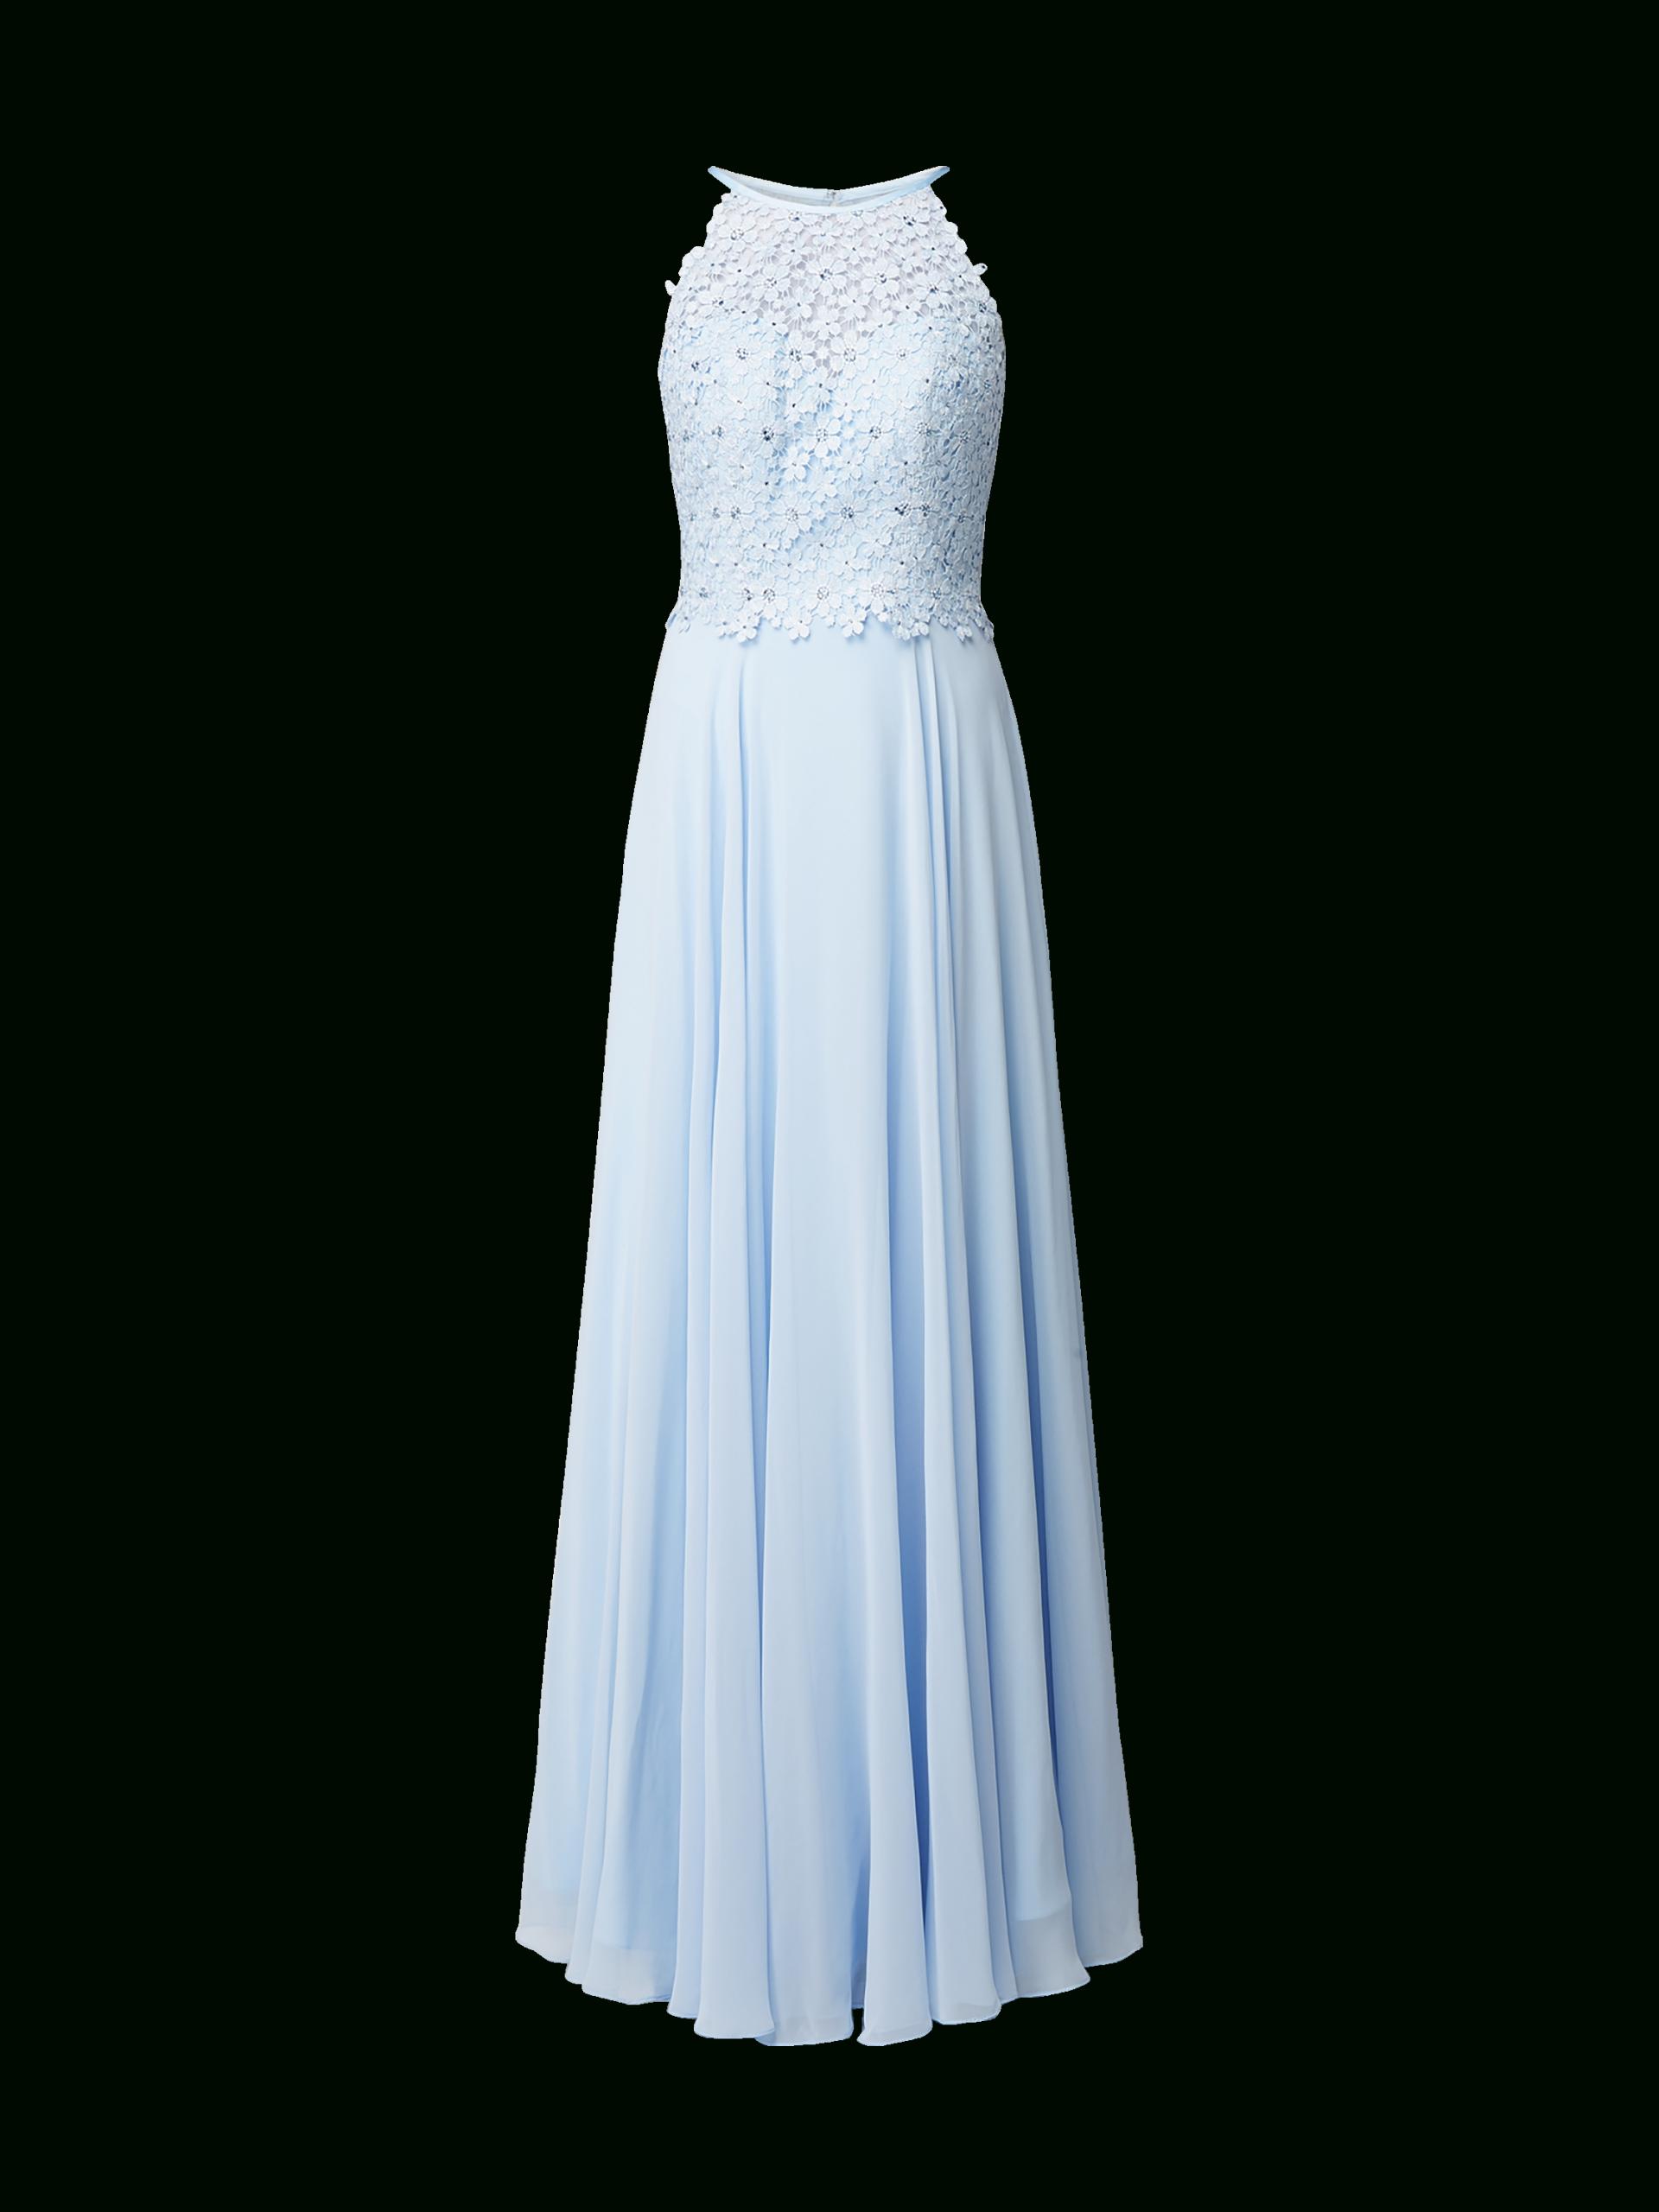 Designer Top Abendkleid Peek Und Cloppenburg für 2019Abend Spektakulär Abendkleid Peek Und Cloppenburg Spezialgebiet